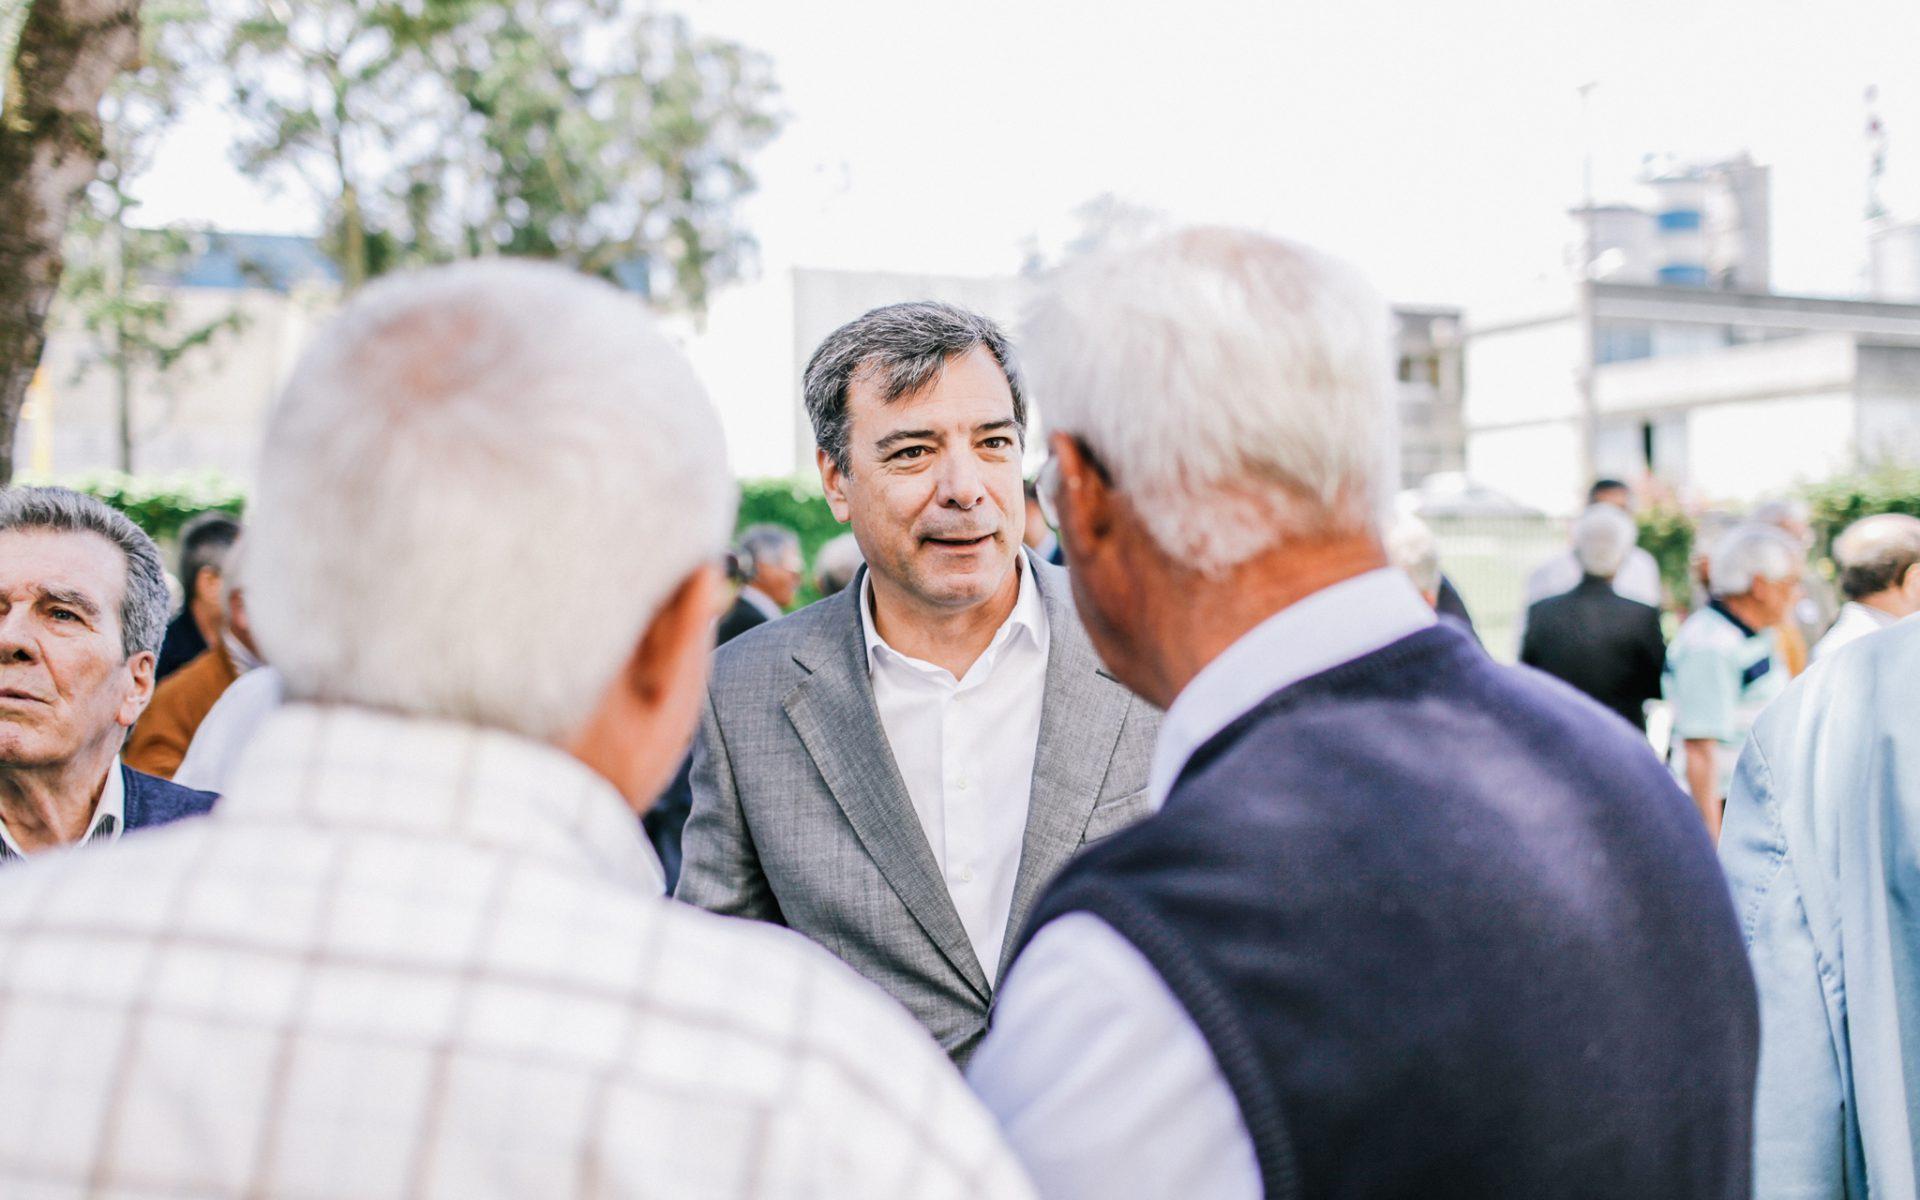 Carlos Van Zeller receiving the guests